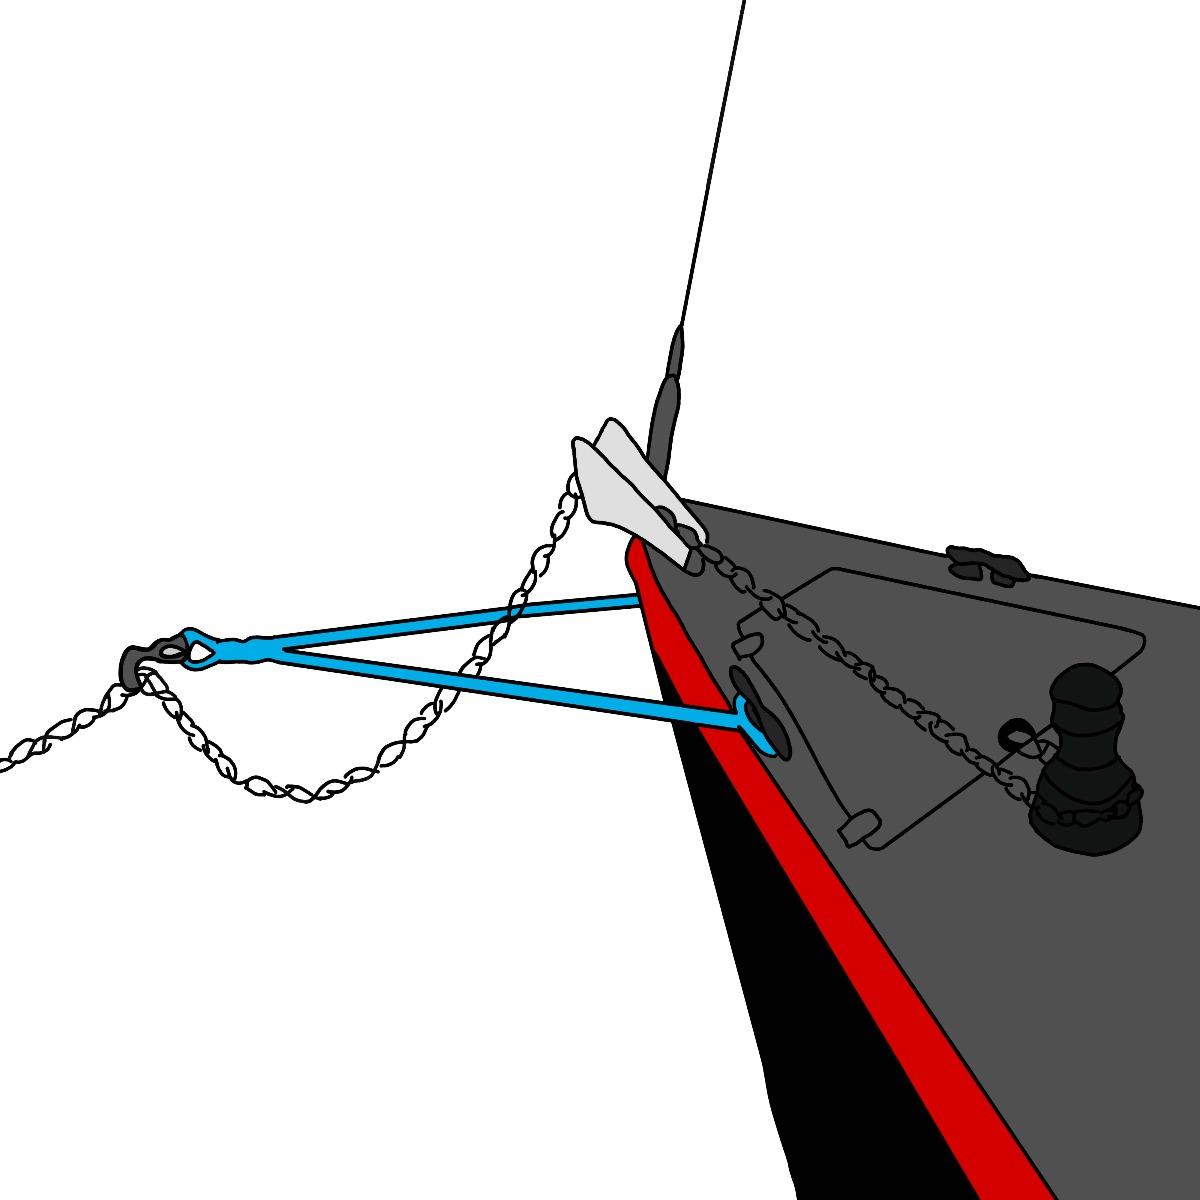 Snubberlijn met Wichard ankerhaak